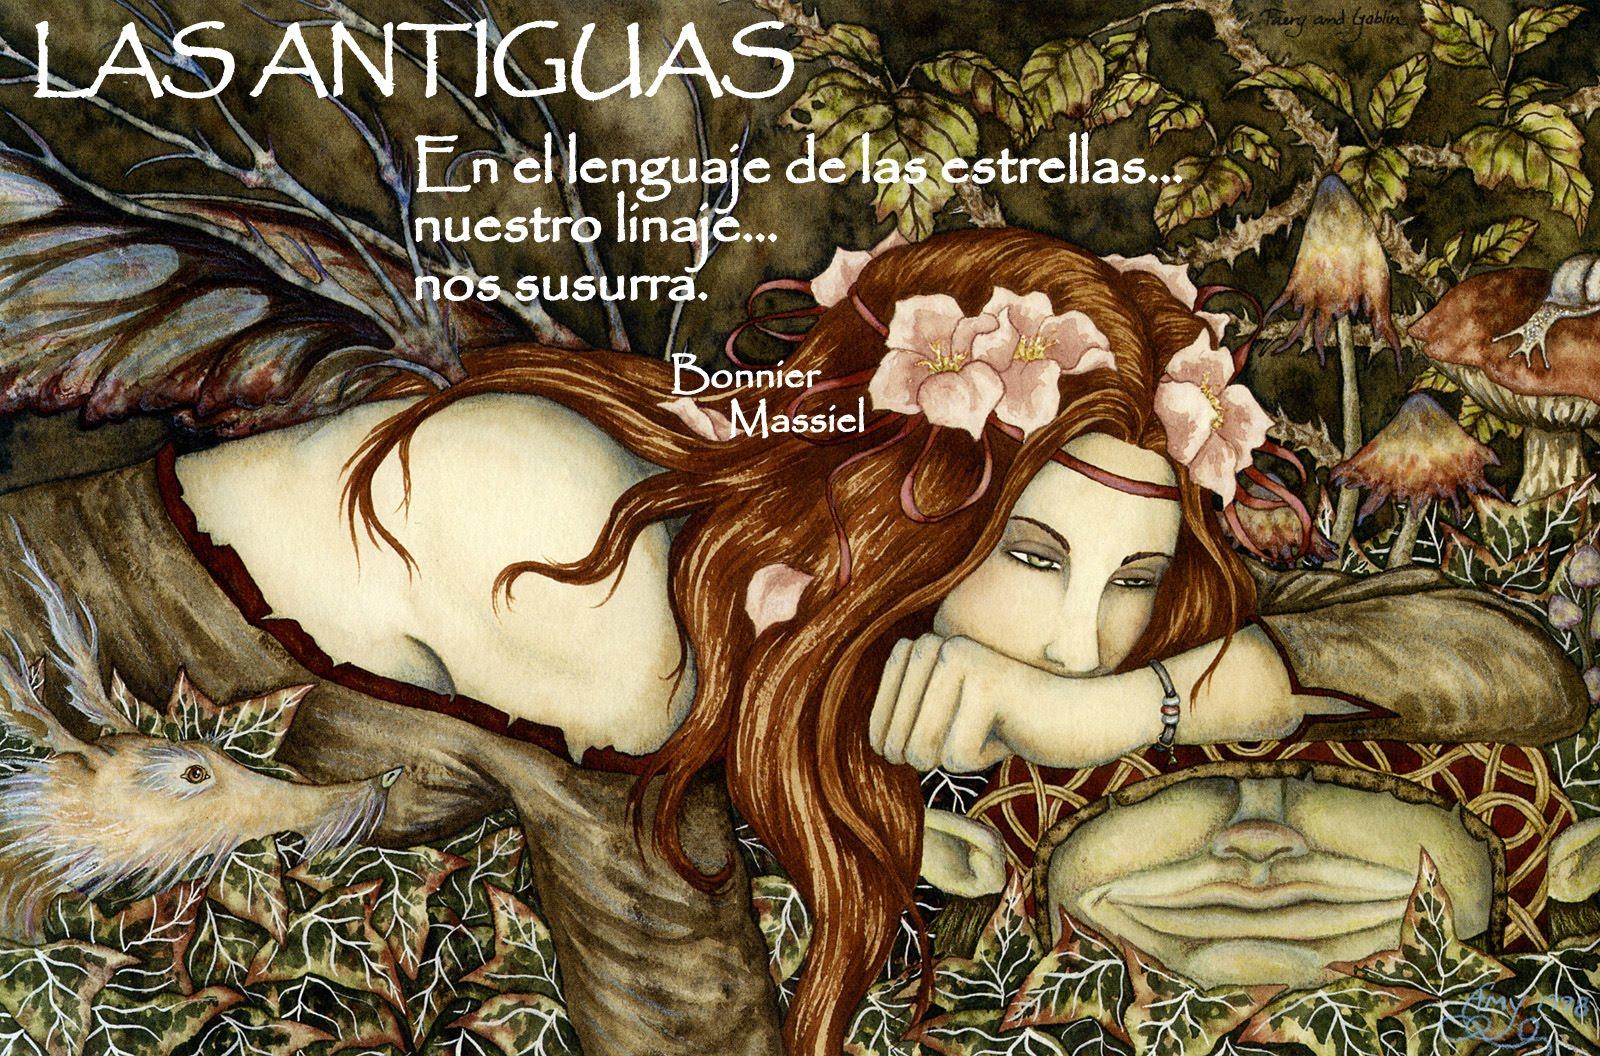 LAS ANTIGUAS